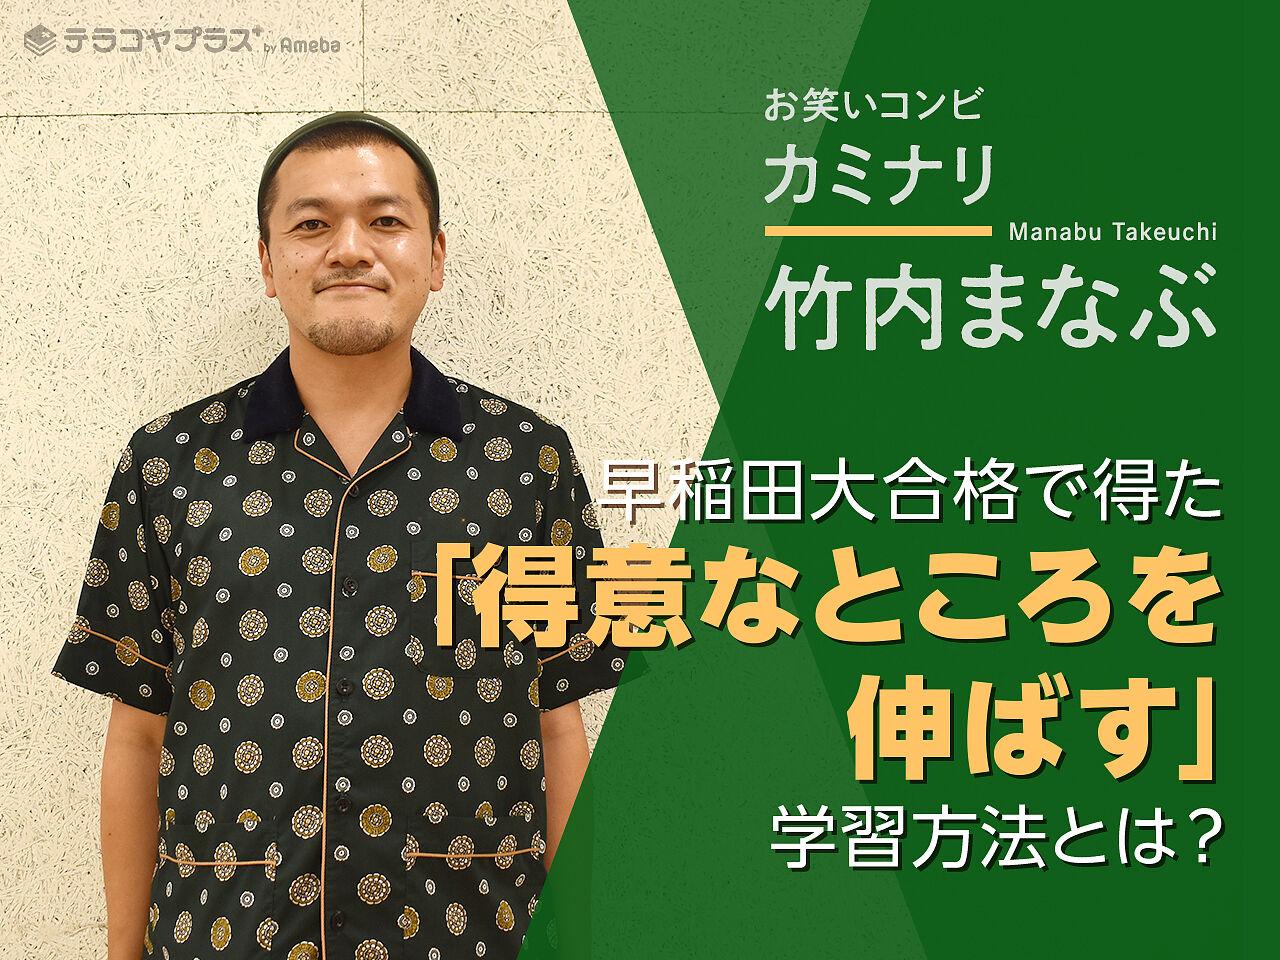 お笑いコンビ・カミナリの竹内まなぶが語る!早稲田大合格で得た「得意なところを伸ばす」学習方法とは?の画像